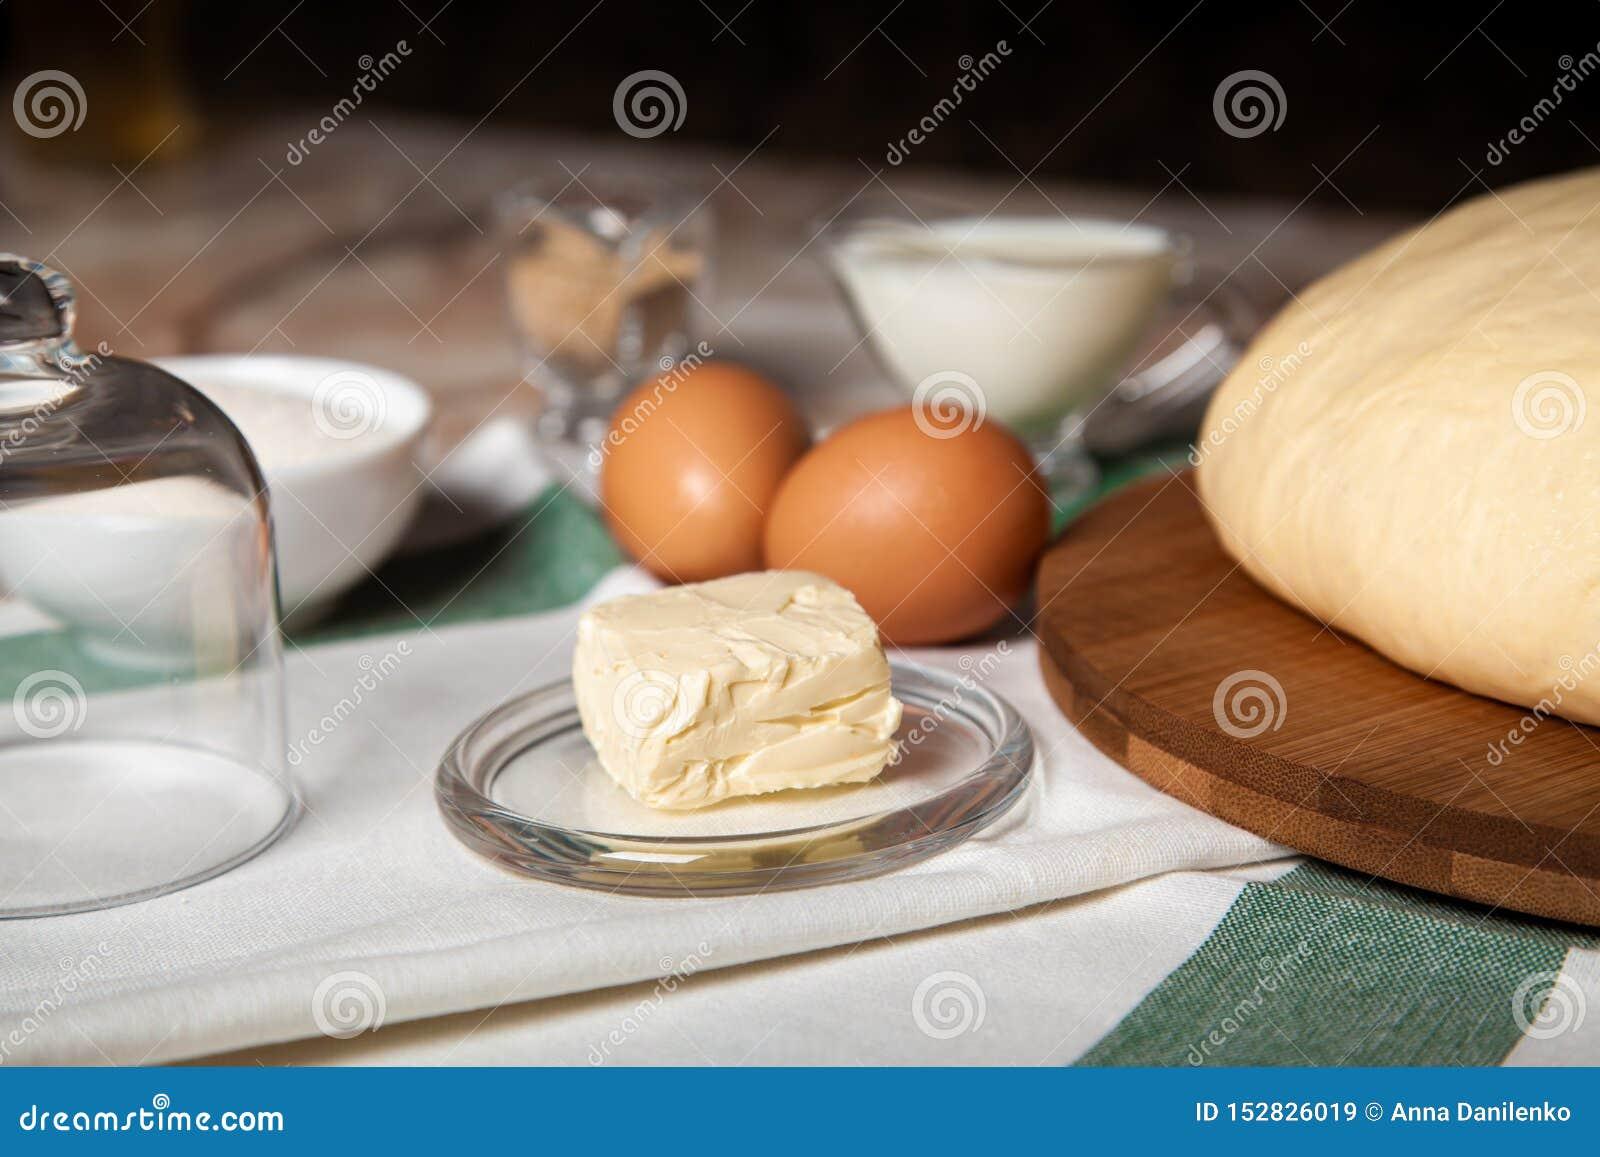 Ingr?dients de boulangerie Sur la table sont le beurre, oeufs, lait, levure, sucre